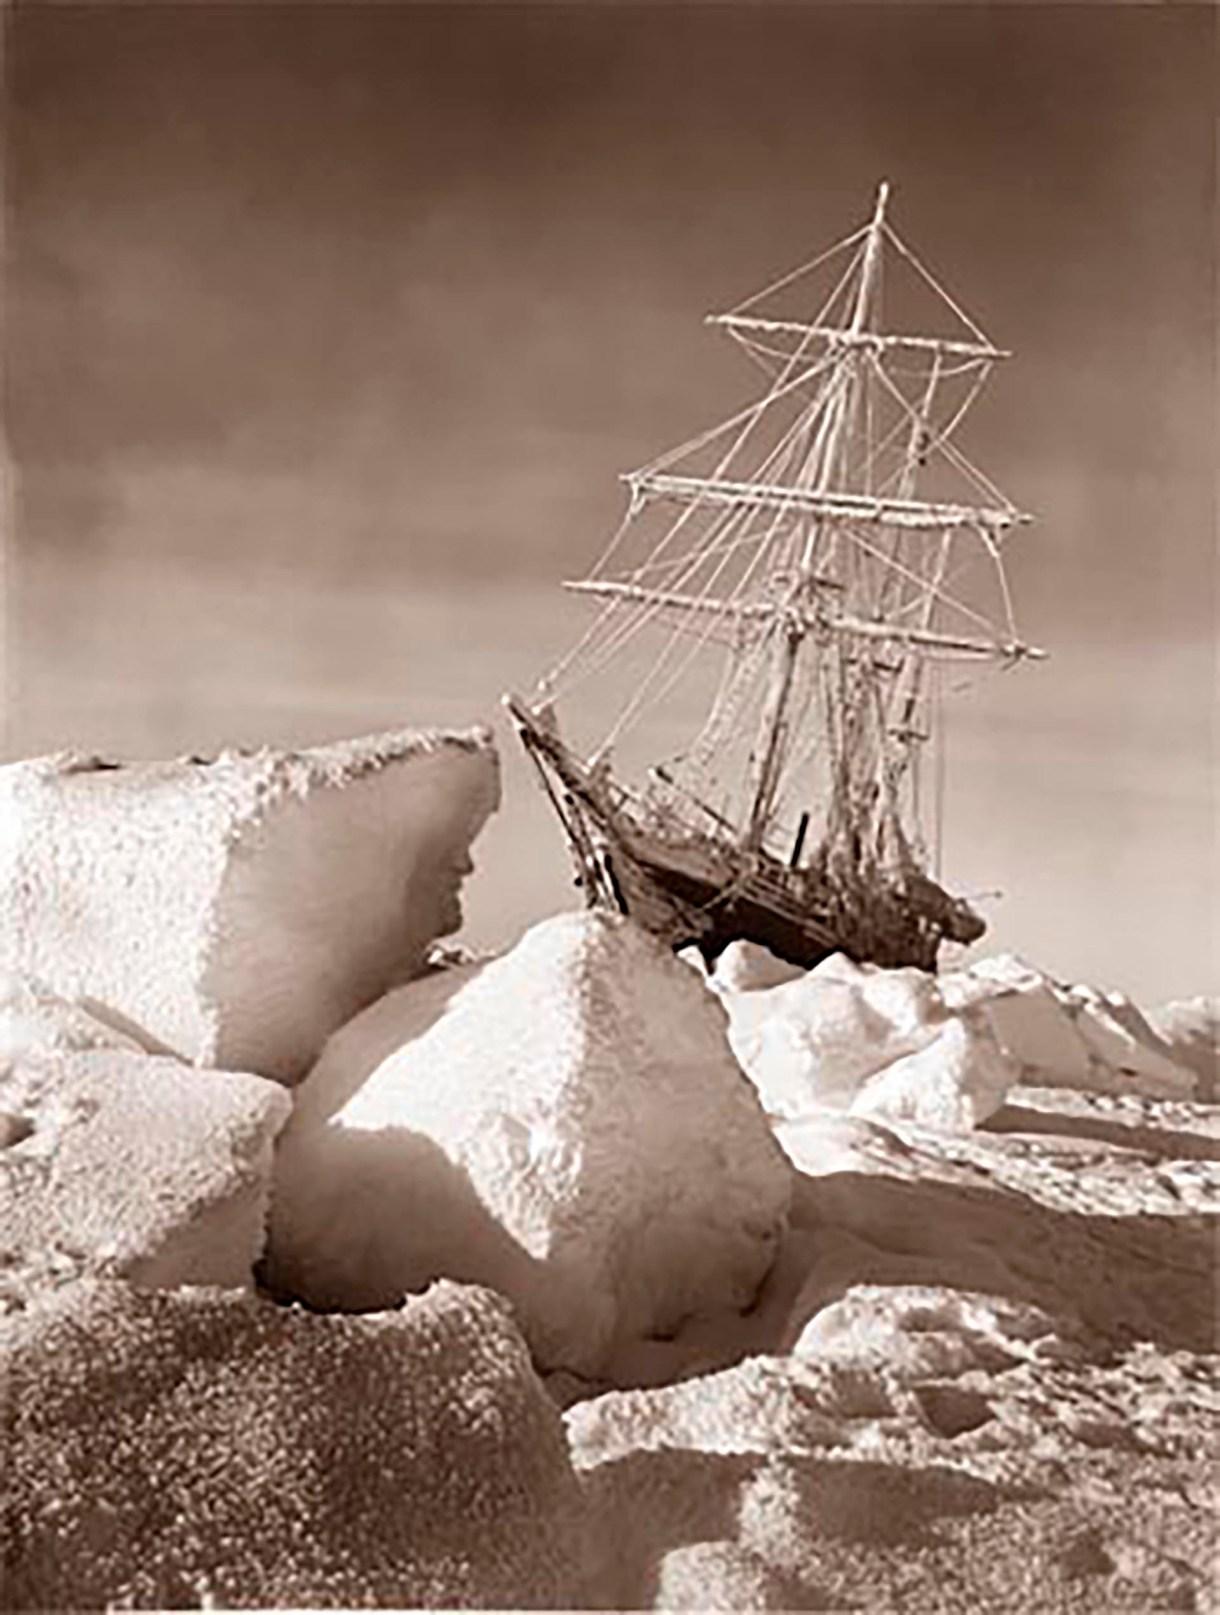 El Endurance, atrapado en la Antártida